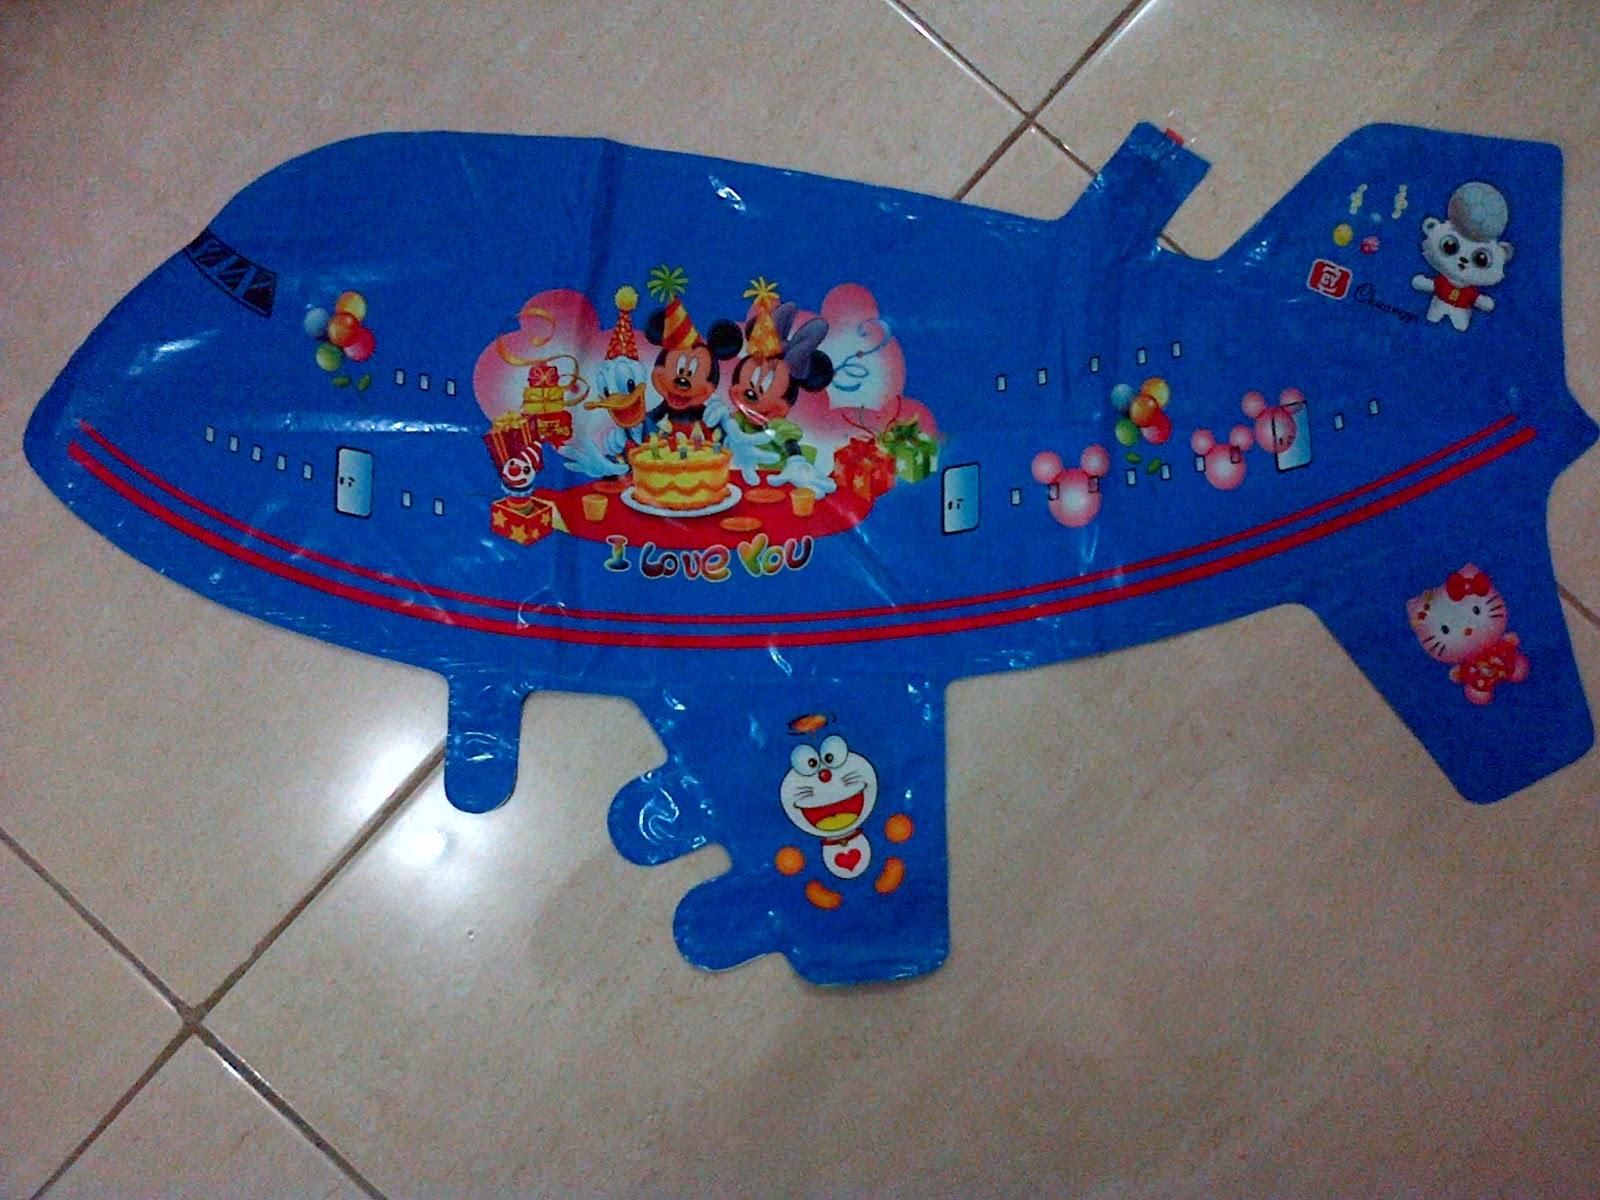 Balon Character Pesawat Biru Anugerah Utama Toys Motif Ultraman